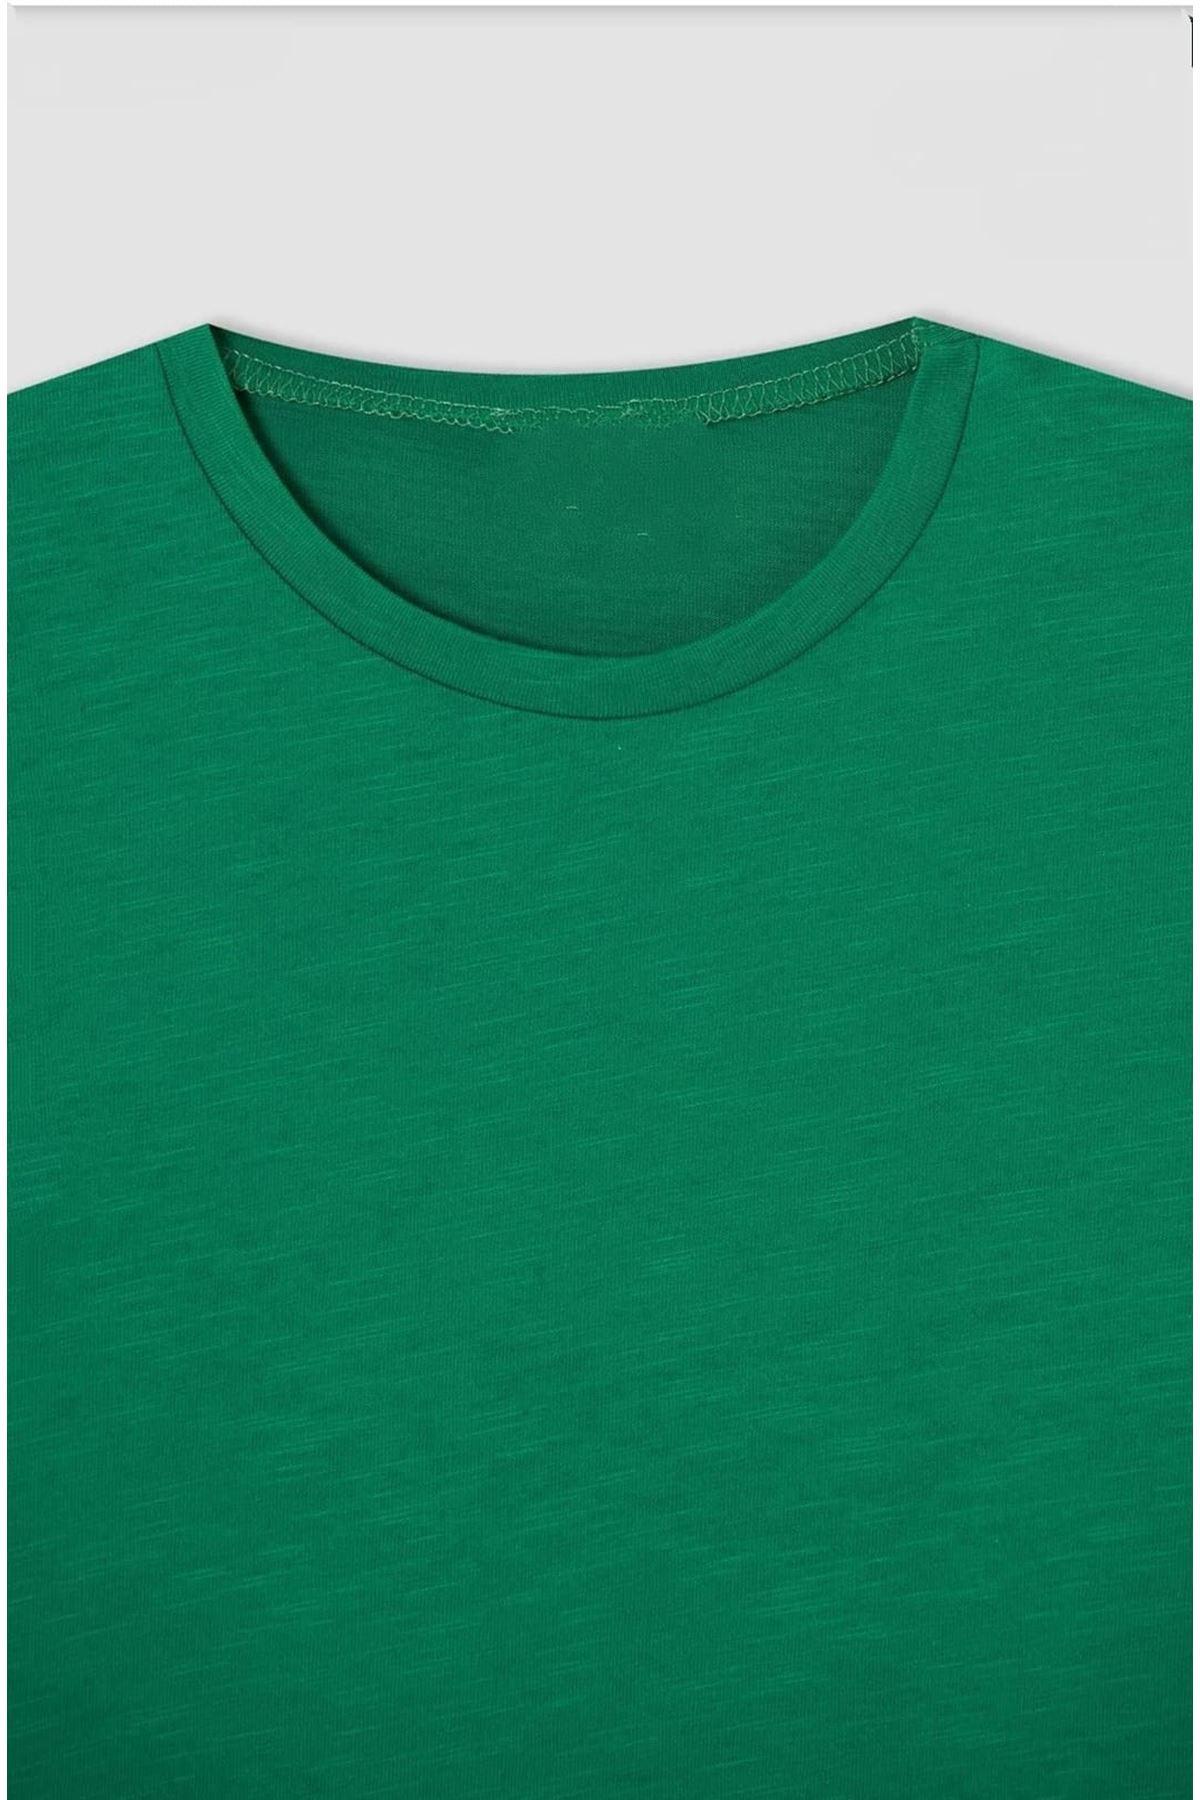 Erkek Çocuk Yeşil T-shırt